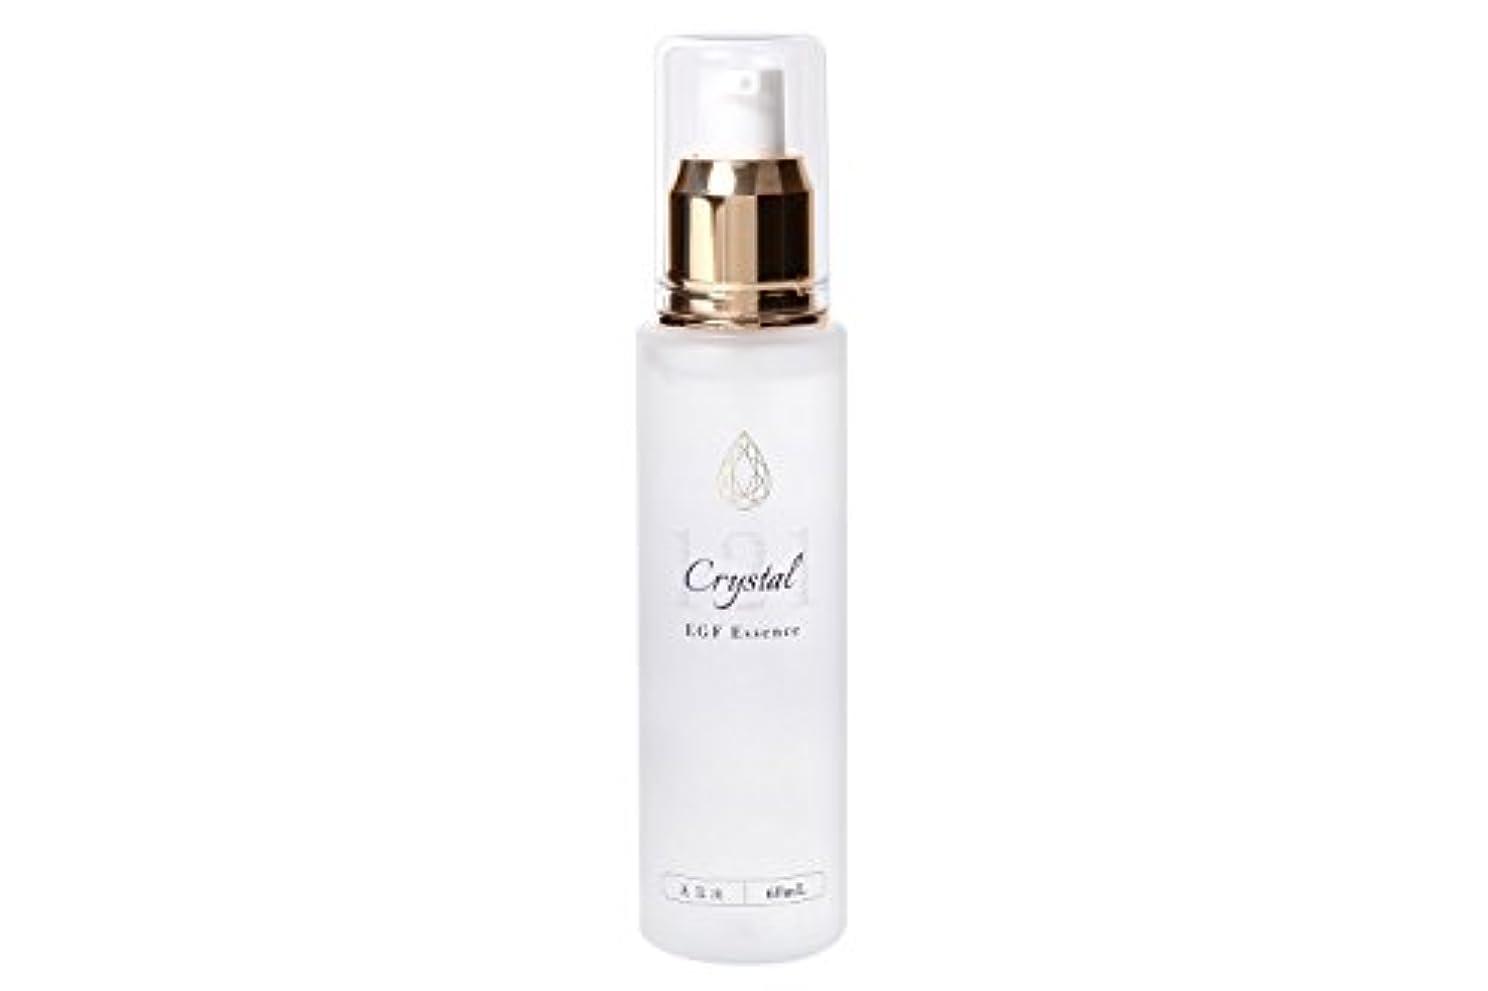 主婦亡命重荷EGF 美容液 エッセンス 60ml クリスタル121美容液 レディース メンズ 無香料